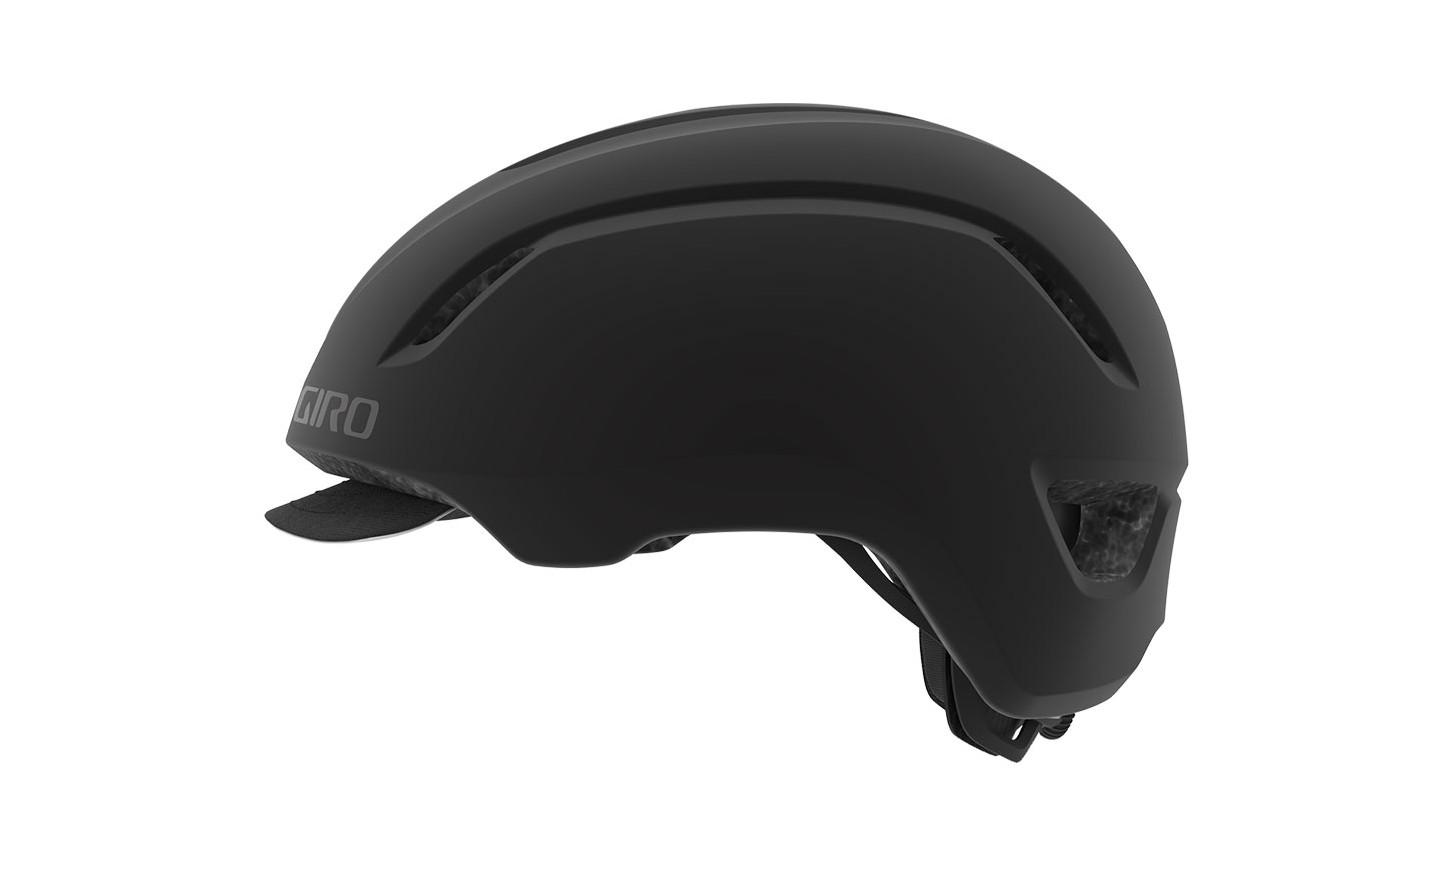 dbe3eeb3283b0 Casco Giro Caden Mips 2019 Negro Mate - Fabregues Bicicletas